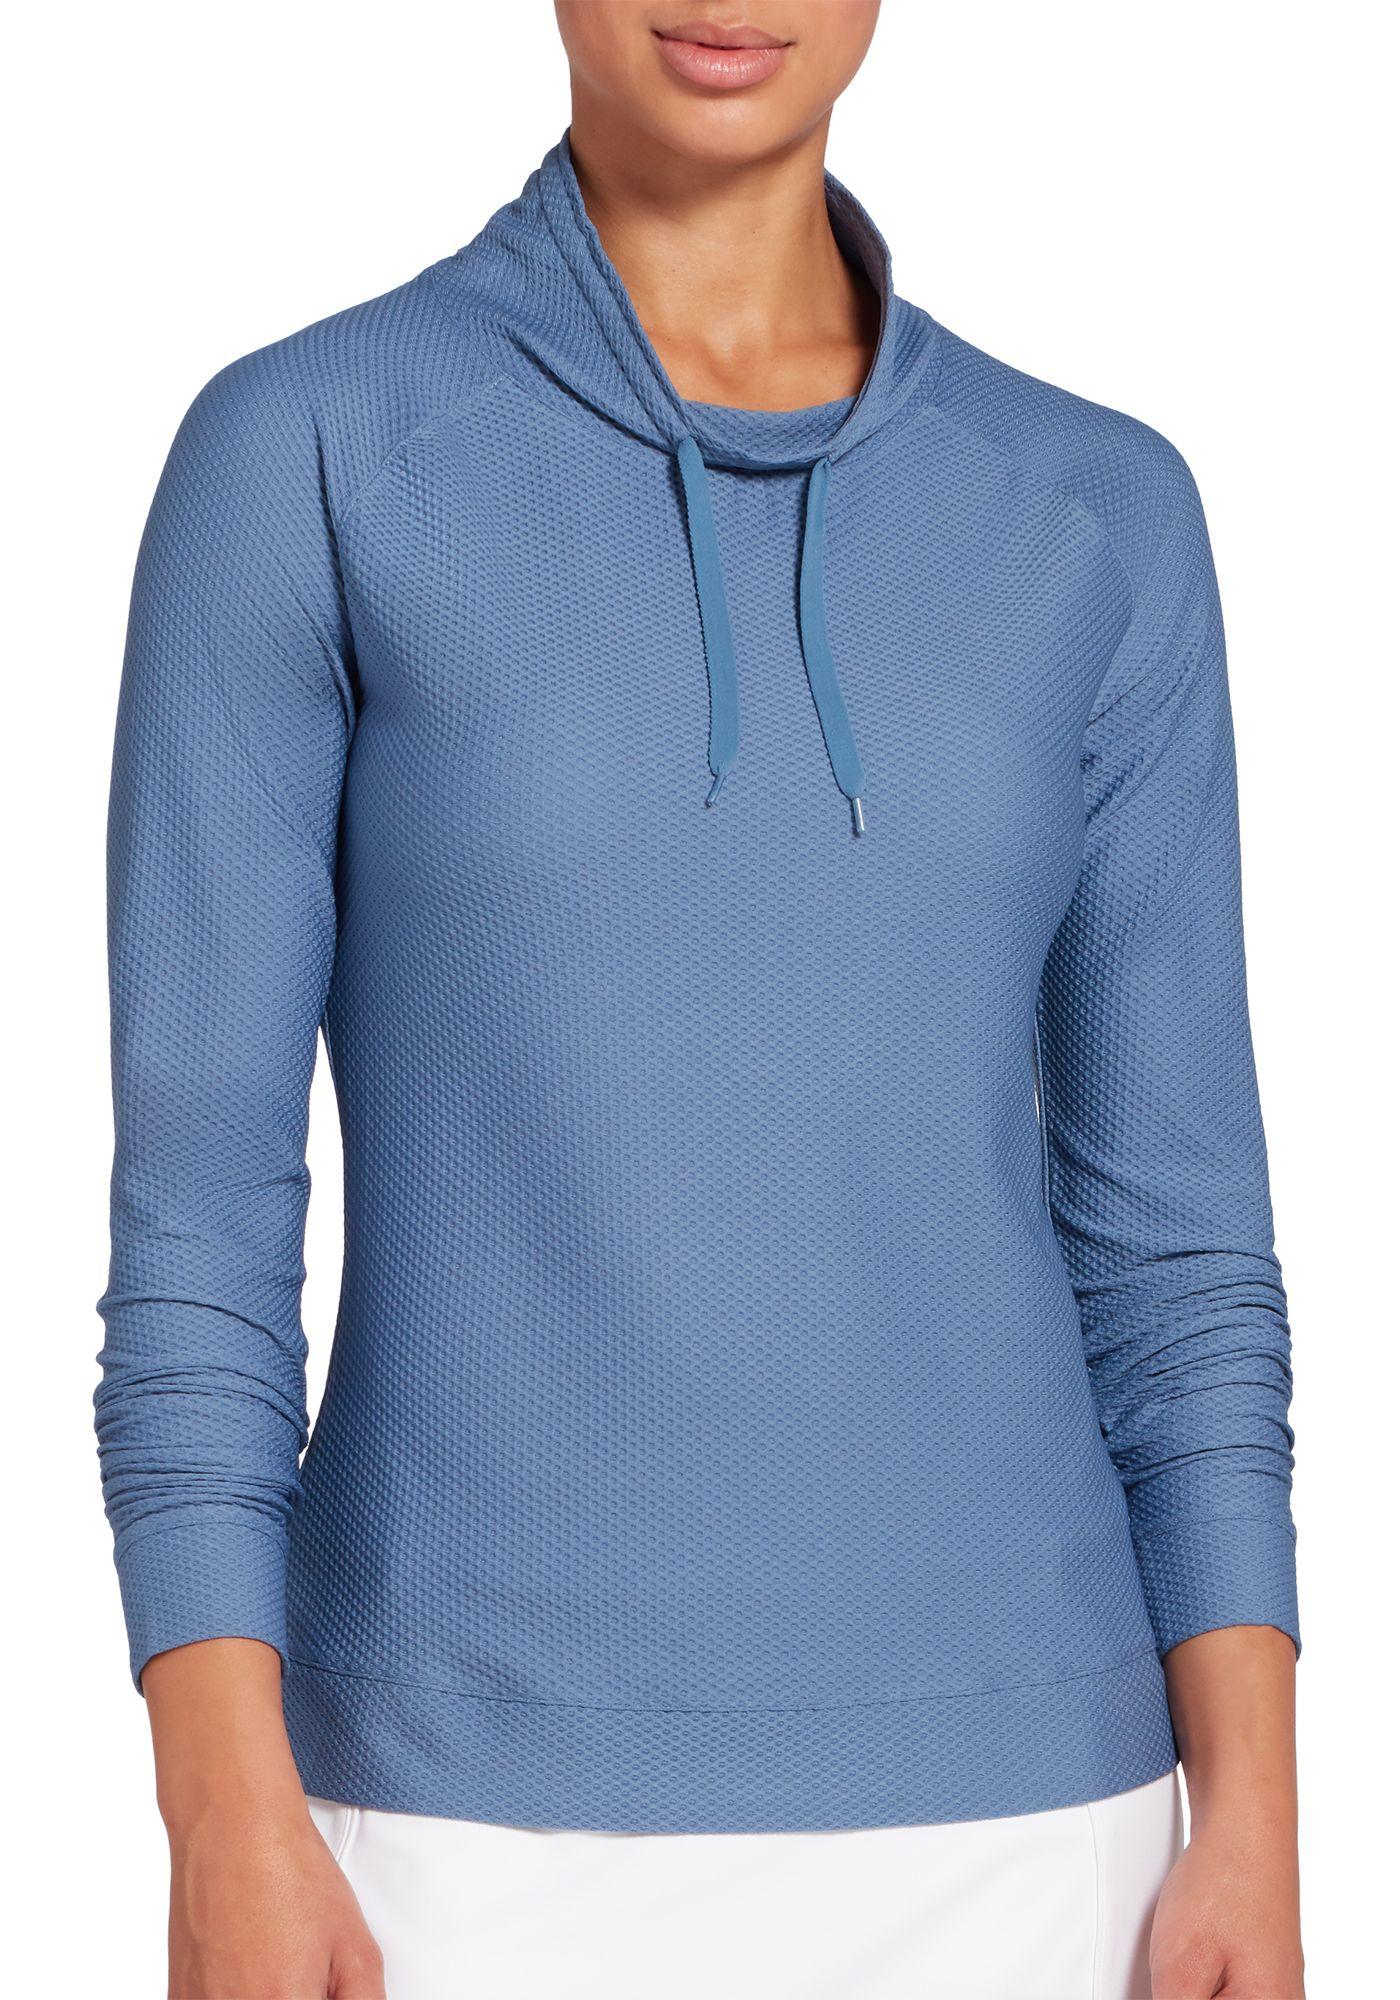 Slazenger Women's Mesh Lightweight Golf Pullover